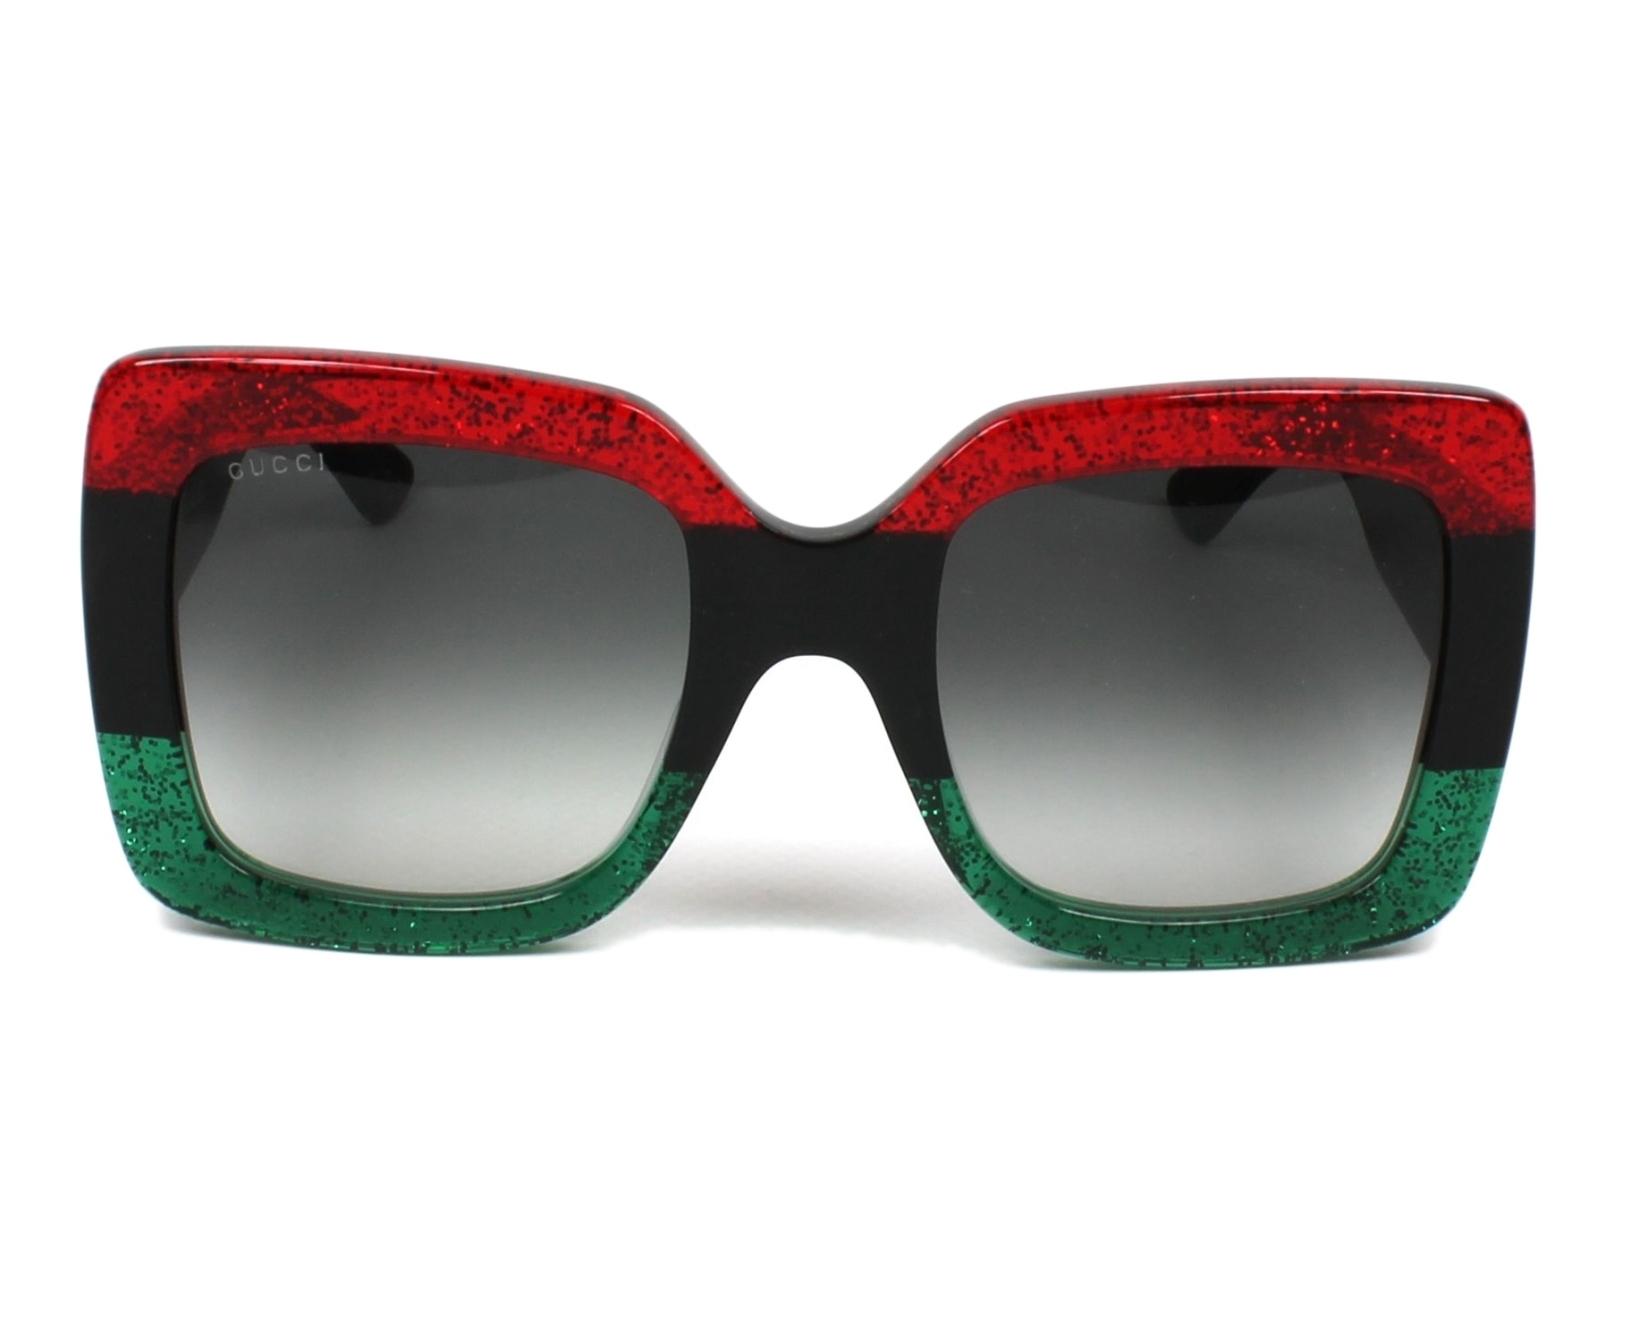 3df2c73674339e Sunglasses Gucci GG-0083-S 001 55-24 Red Black front view